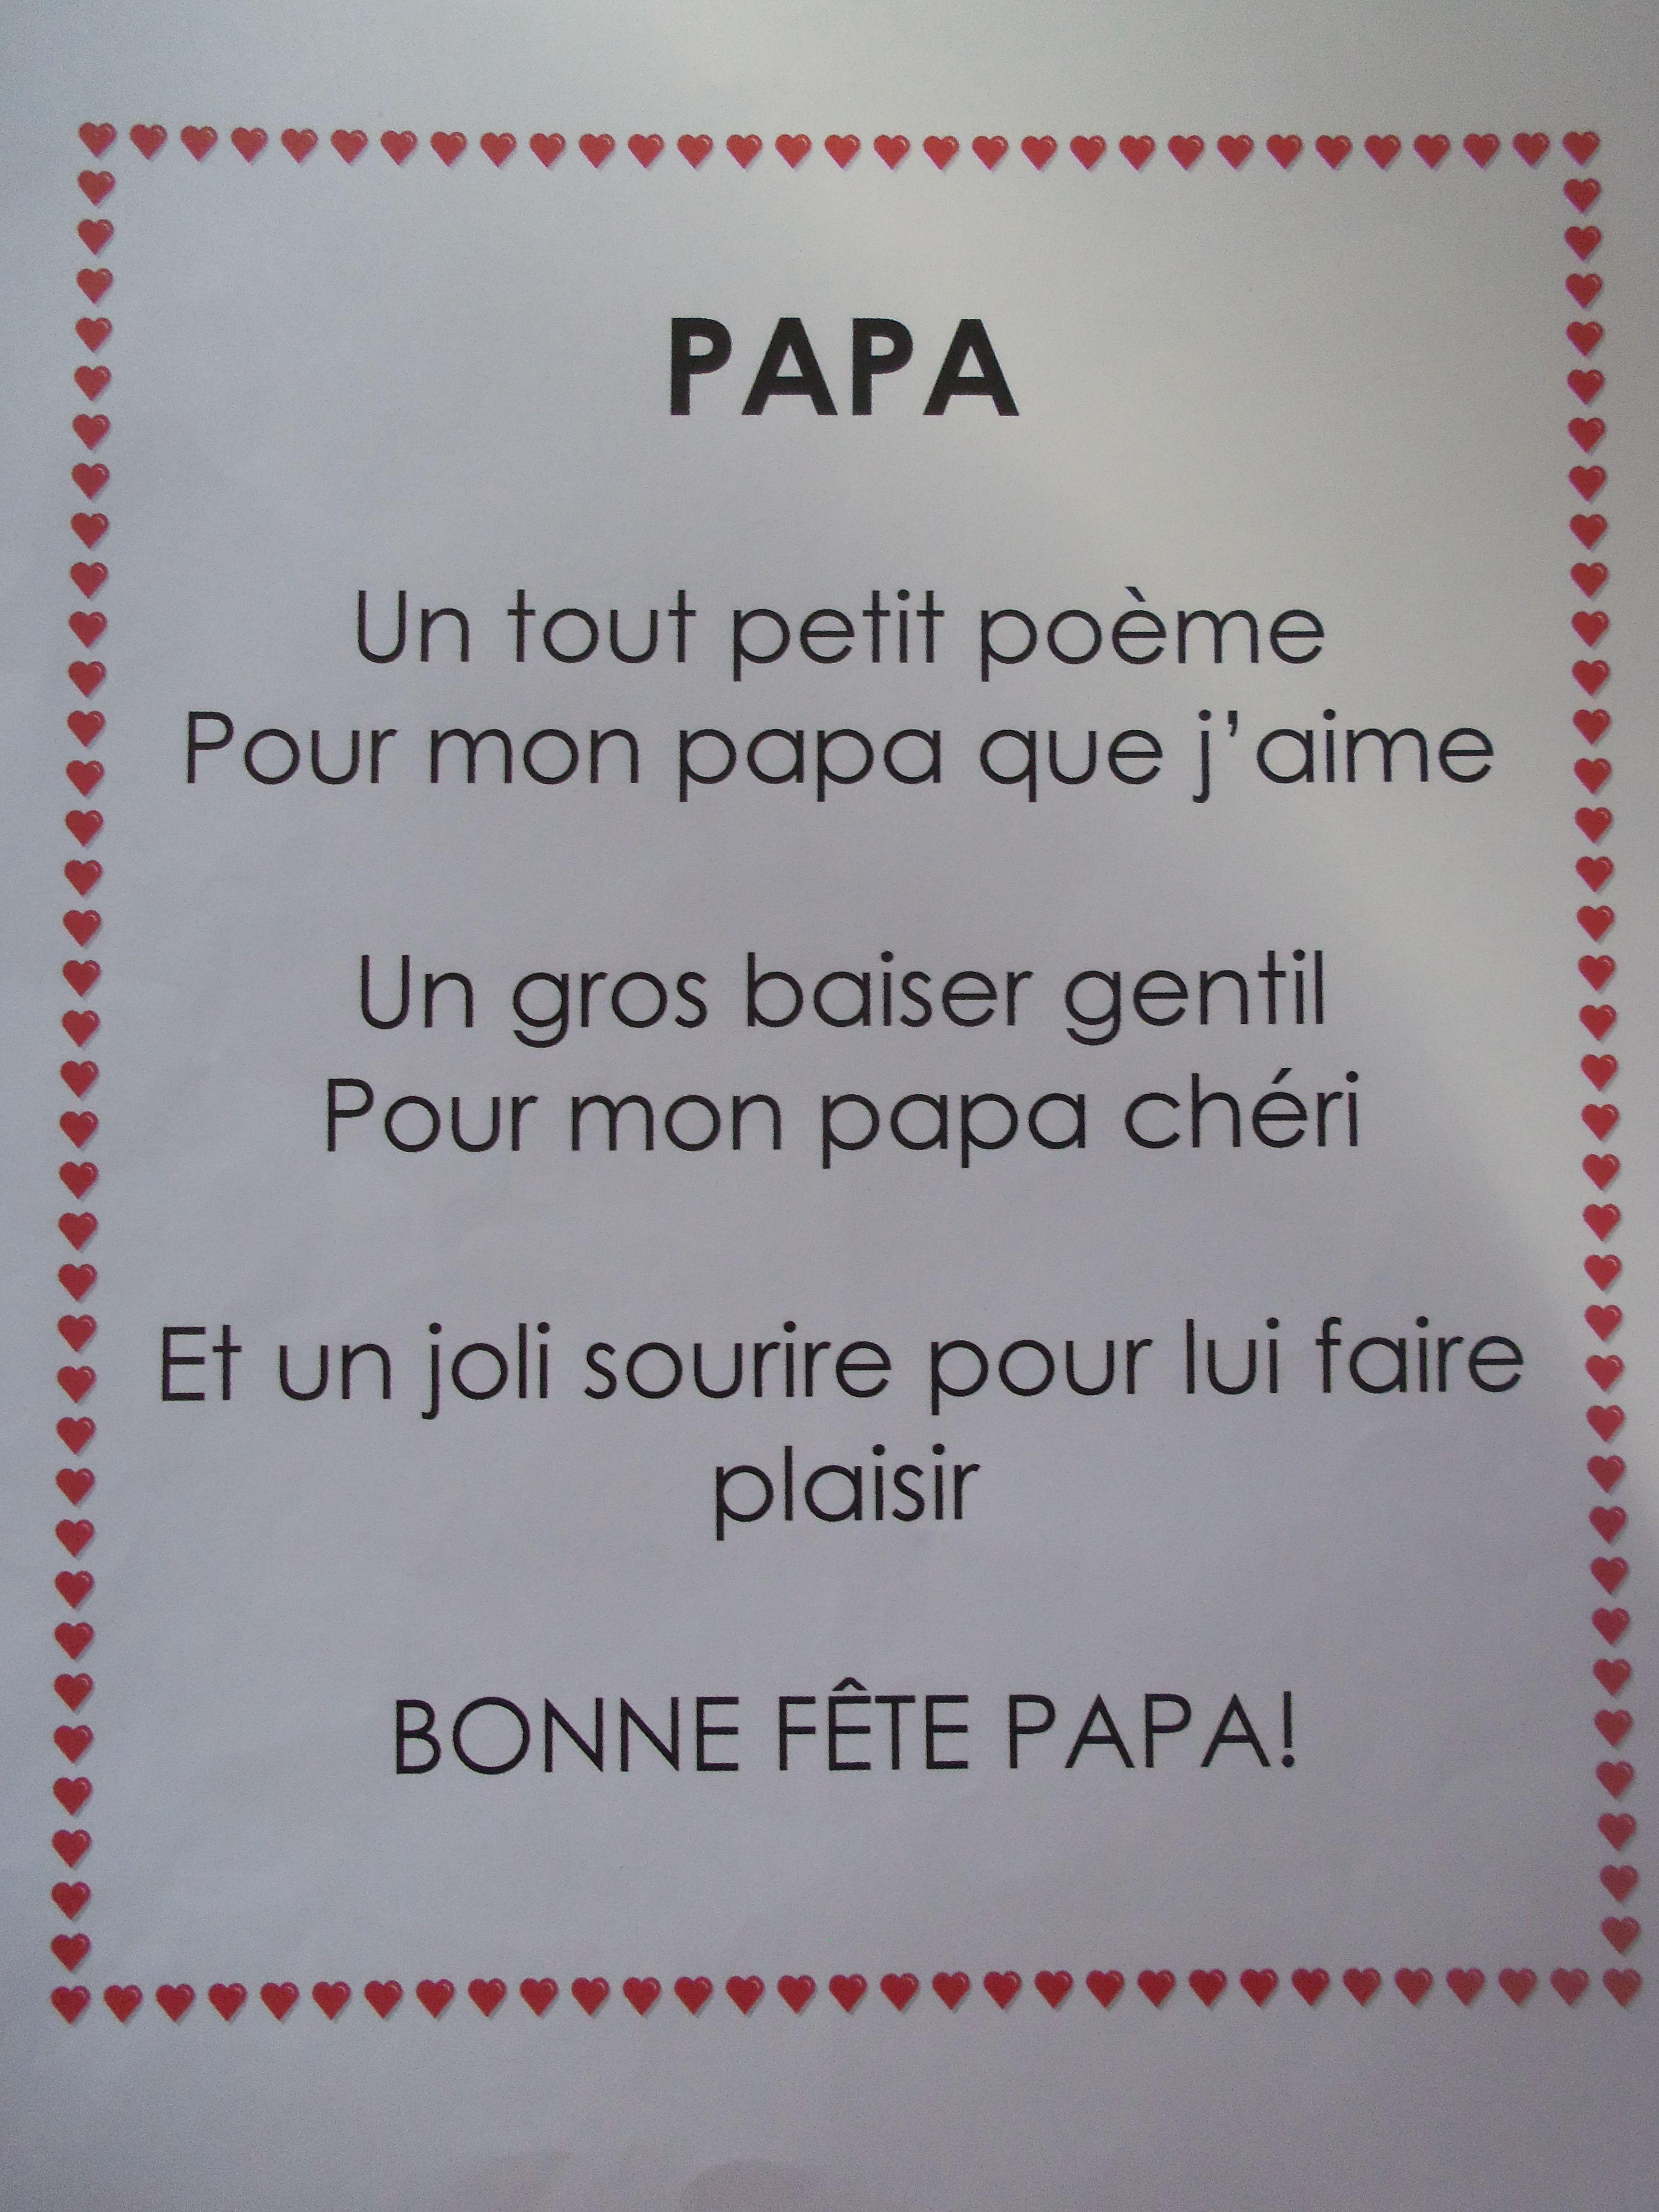 Po me pour la f te des p res f te parents pinterest - Poeme anniversaire papa ...